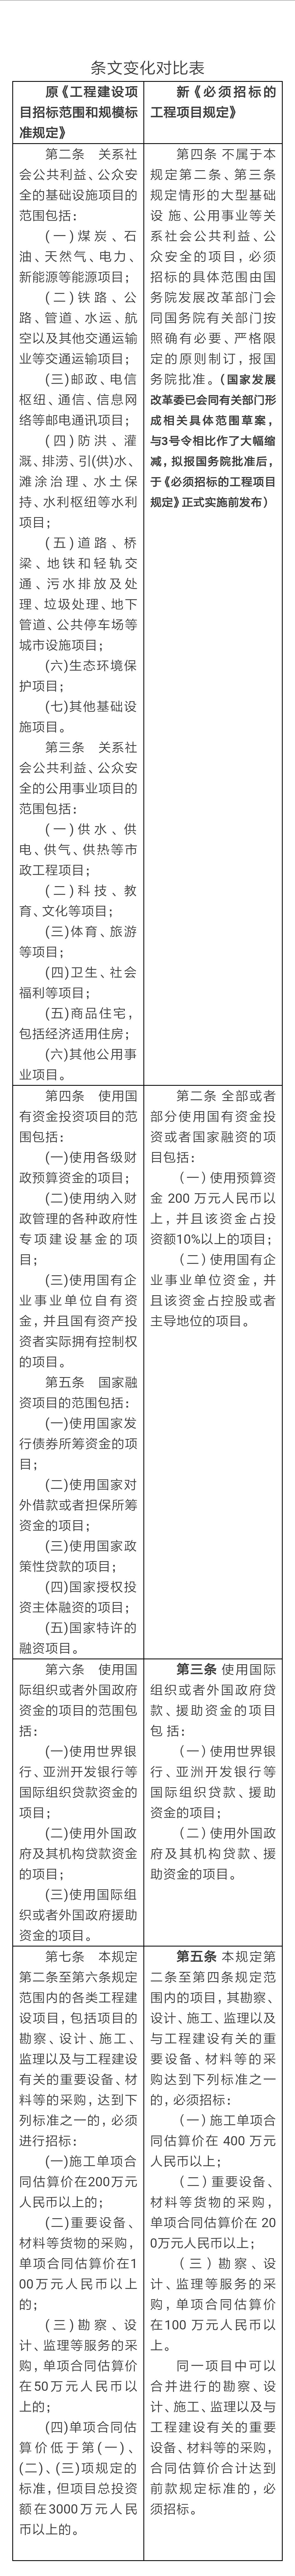 国家发改委令第16号:《必须招标的工程项目规定》发布20180327